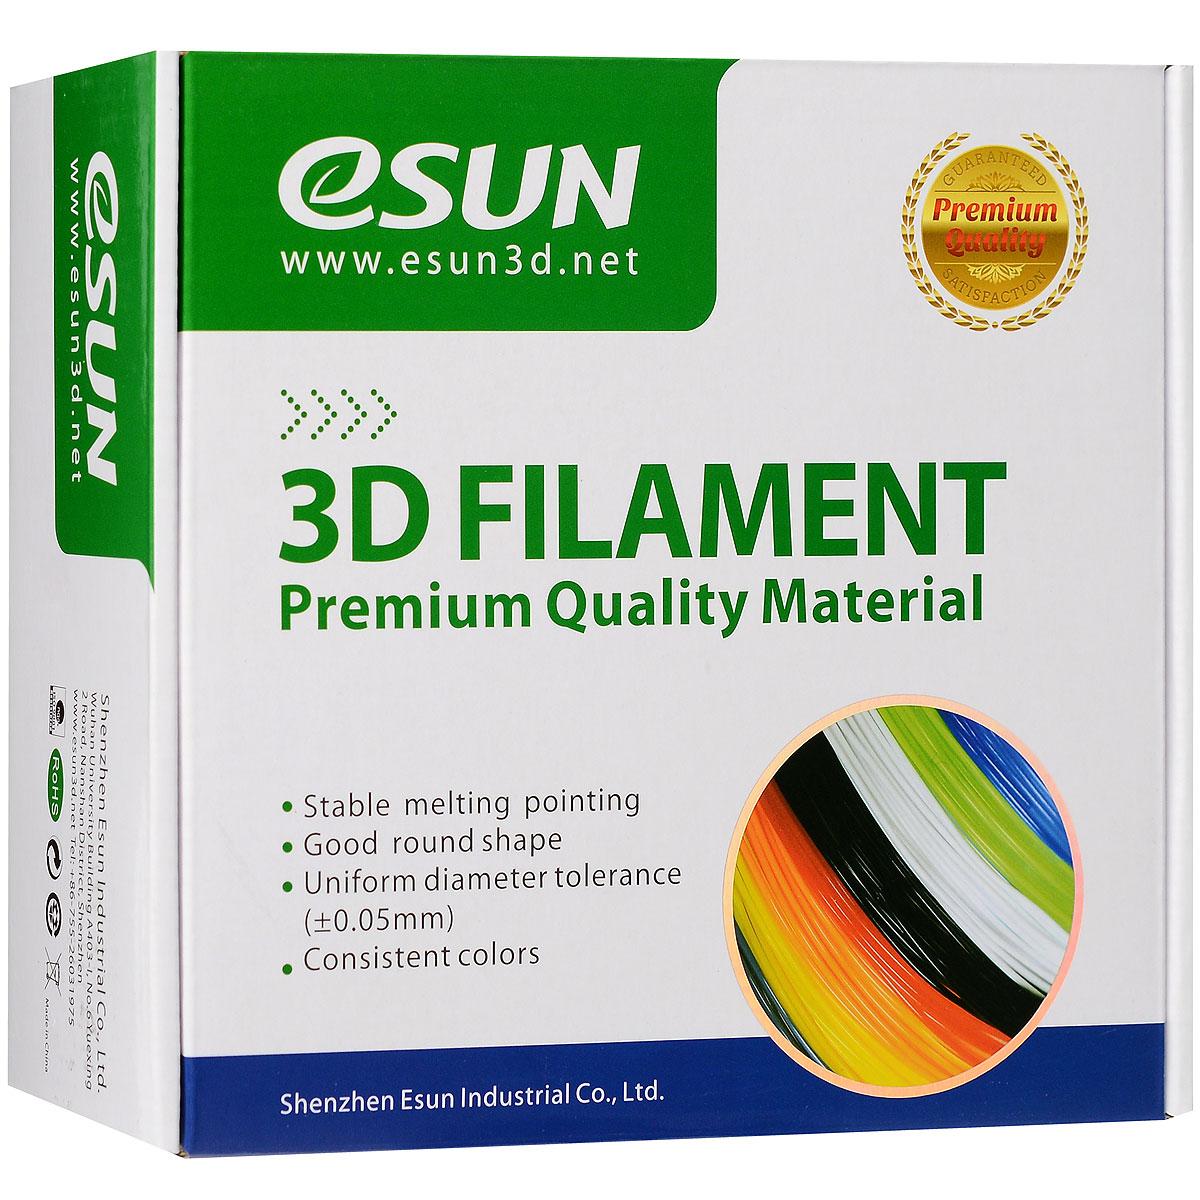 ESUN пластик ABS в катушке, Green, 1,75 ммABS175G1Пластик ABS от ESUN долговечный и очень прочный полимер, ударопрочный, эластичный и стойкий к моющим средствам и щелочам. Один из лучших материалов для печати на 3D принтере. Пластик ABS не имеет запаха и не является токсичным. Температура плавления 220-260°C. АБС пластик для 3D-принтера применяется в деталях автомобилей, канцелярских изделиях, корпусах бытовой техники, мебели, сантехники, а также в производстве игрушек, сувениров, спортивного инвентаря, деталей оружия, медицинского оборудования и прочего. Диаметр пластиковой нити: 1.75 мм